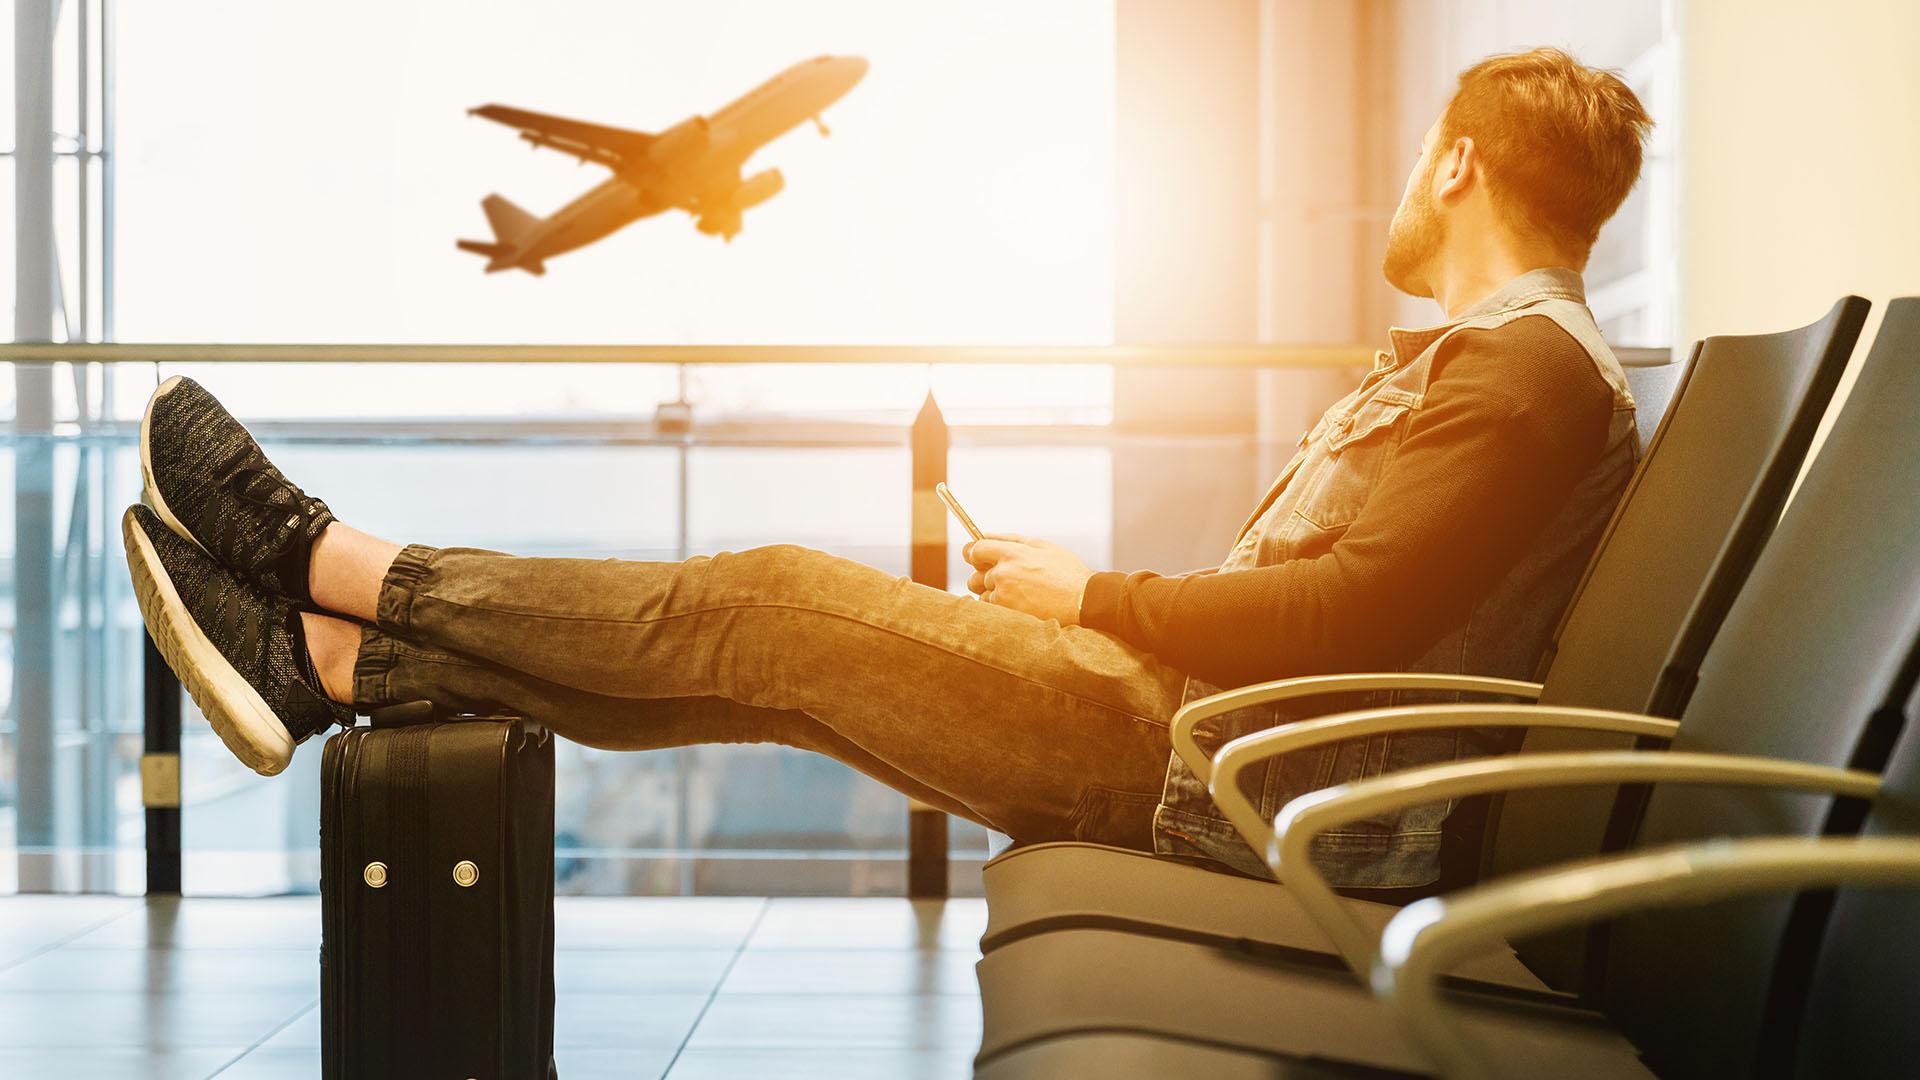 reptér, repülőtér, repülőgép, utasszállító, utas